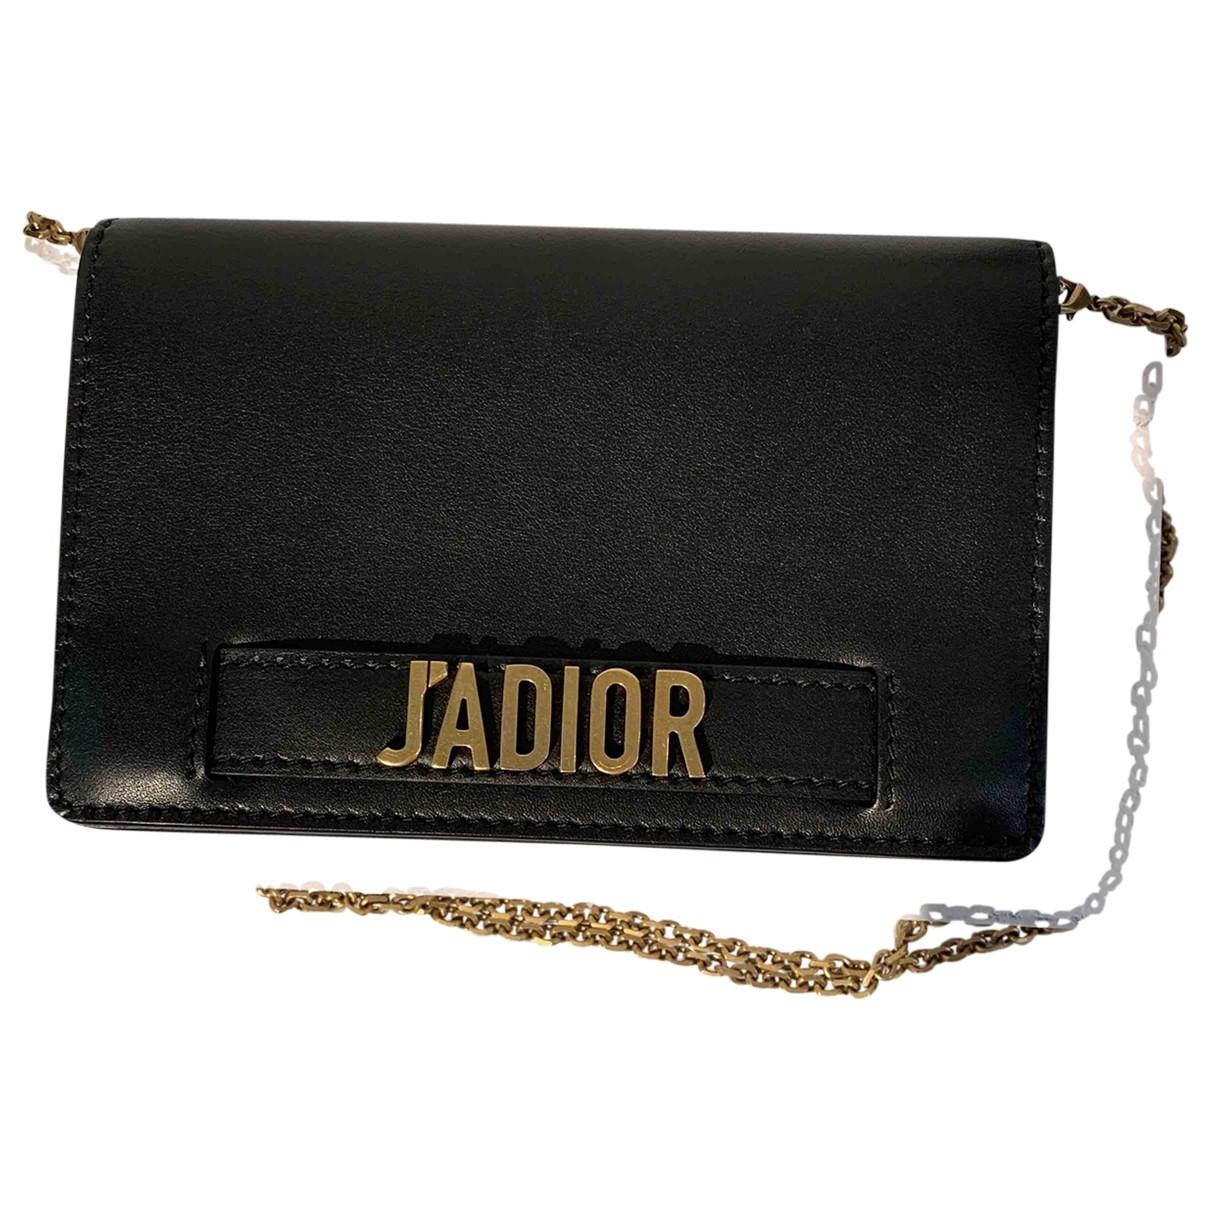 Dior - Pochette Jadior pour femme en cuir - noir